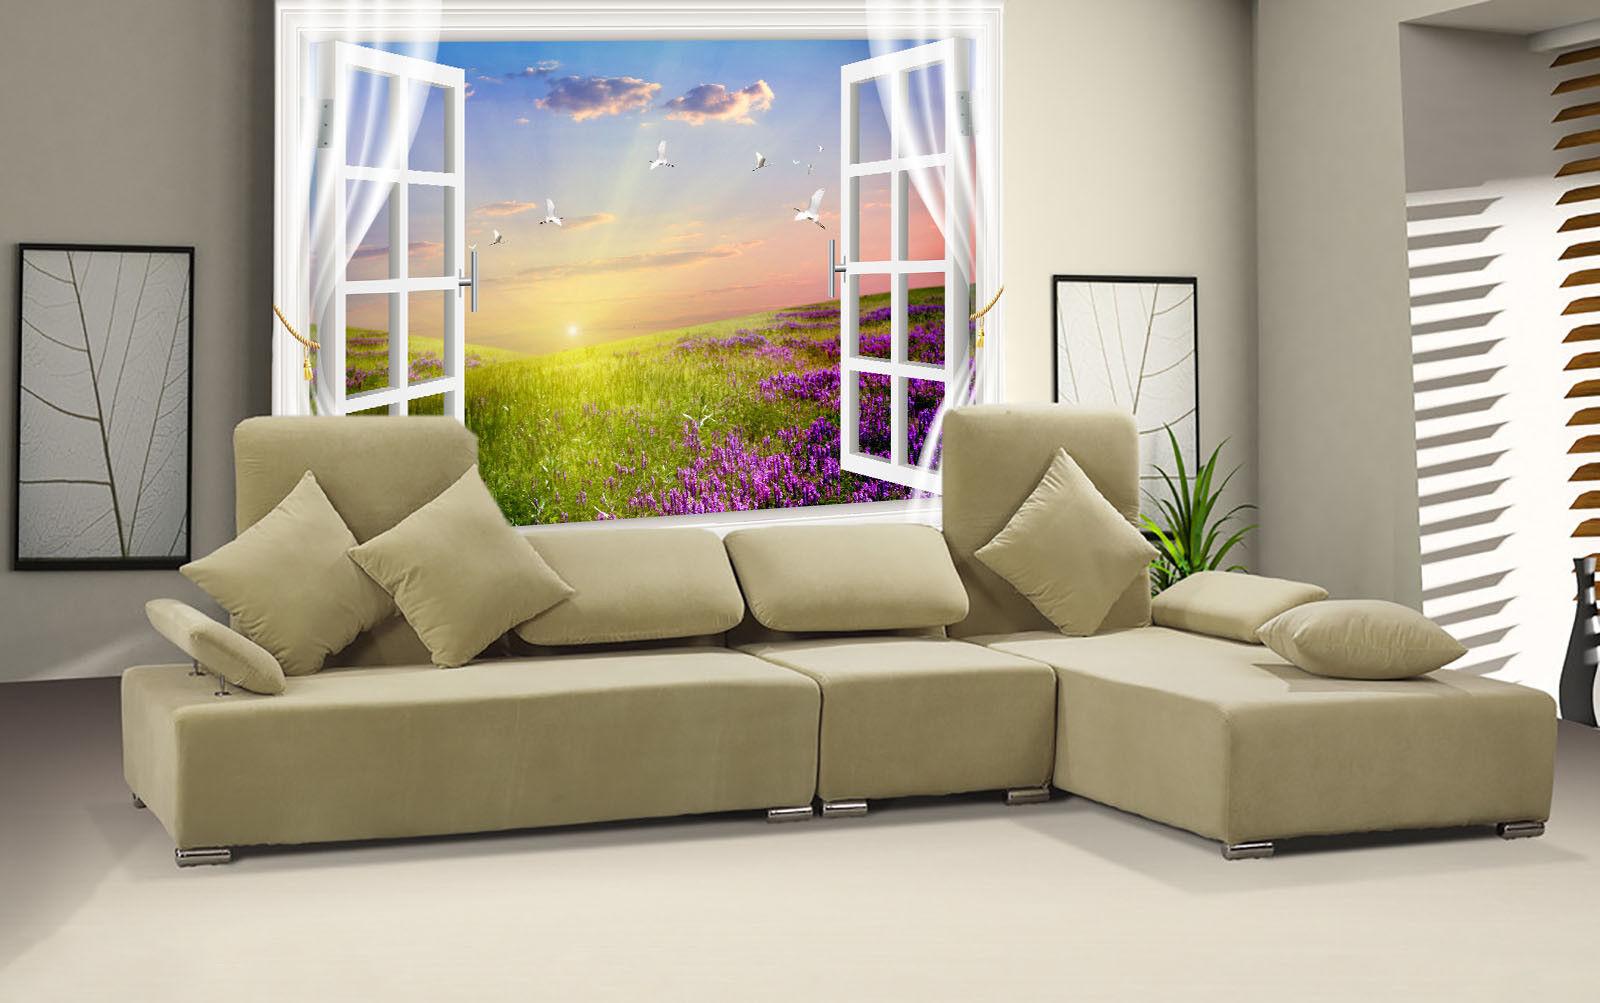 3D Reiher Hanada Fenster 744 Tapete Wandgemälde Tapete Tapeten Bild Familie DE